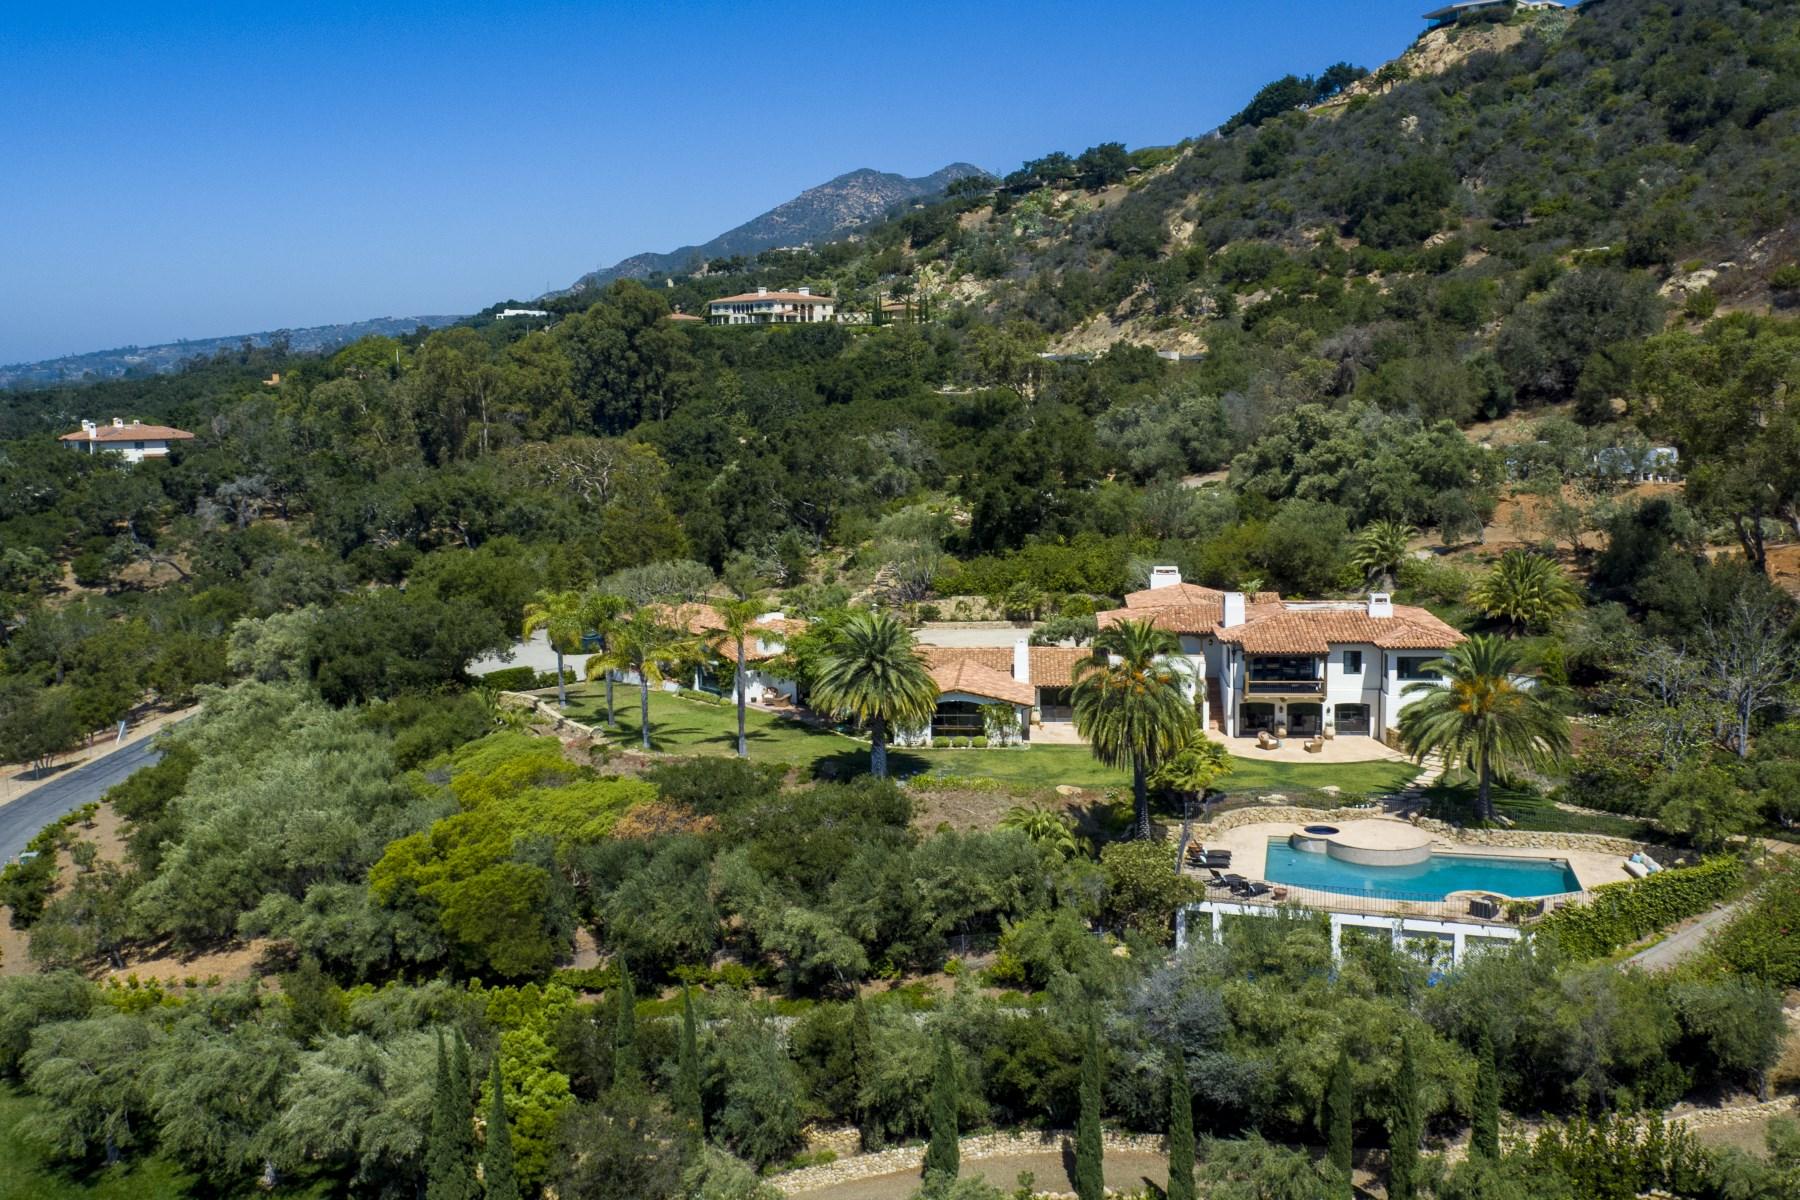 一戸建て のために 売買 アット Historic Hacienda 1366 Oak Creek Canyon Road Montecito - Upper Village, Montecito, カリフォルニア, 93108 アメリカ合衆国